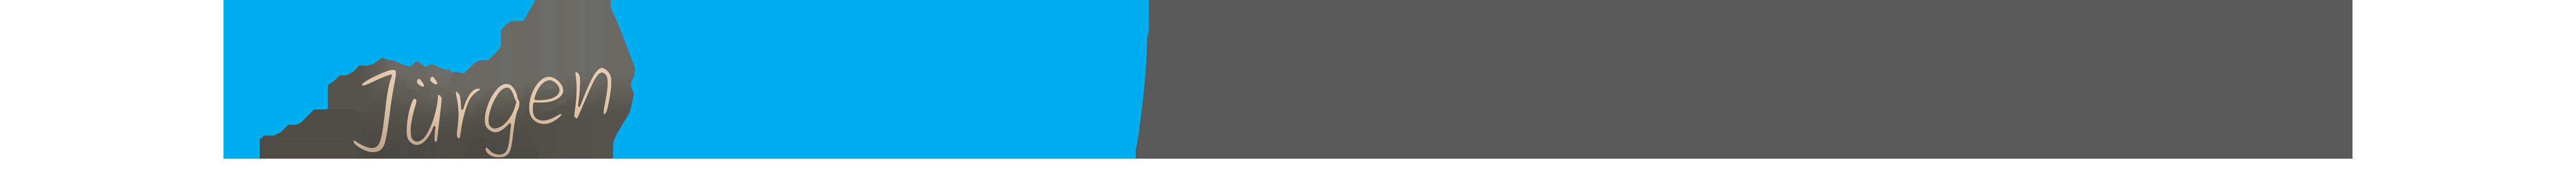 Dr. med. Hessel - Psychiater - Psychotherapeut - Düsseldorf - Depression, ADHS (Erwachsene), Angststörung, Mobbing, Schlafstörung